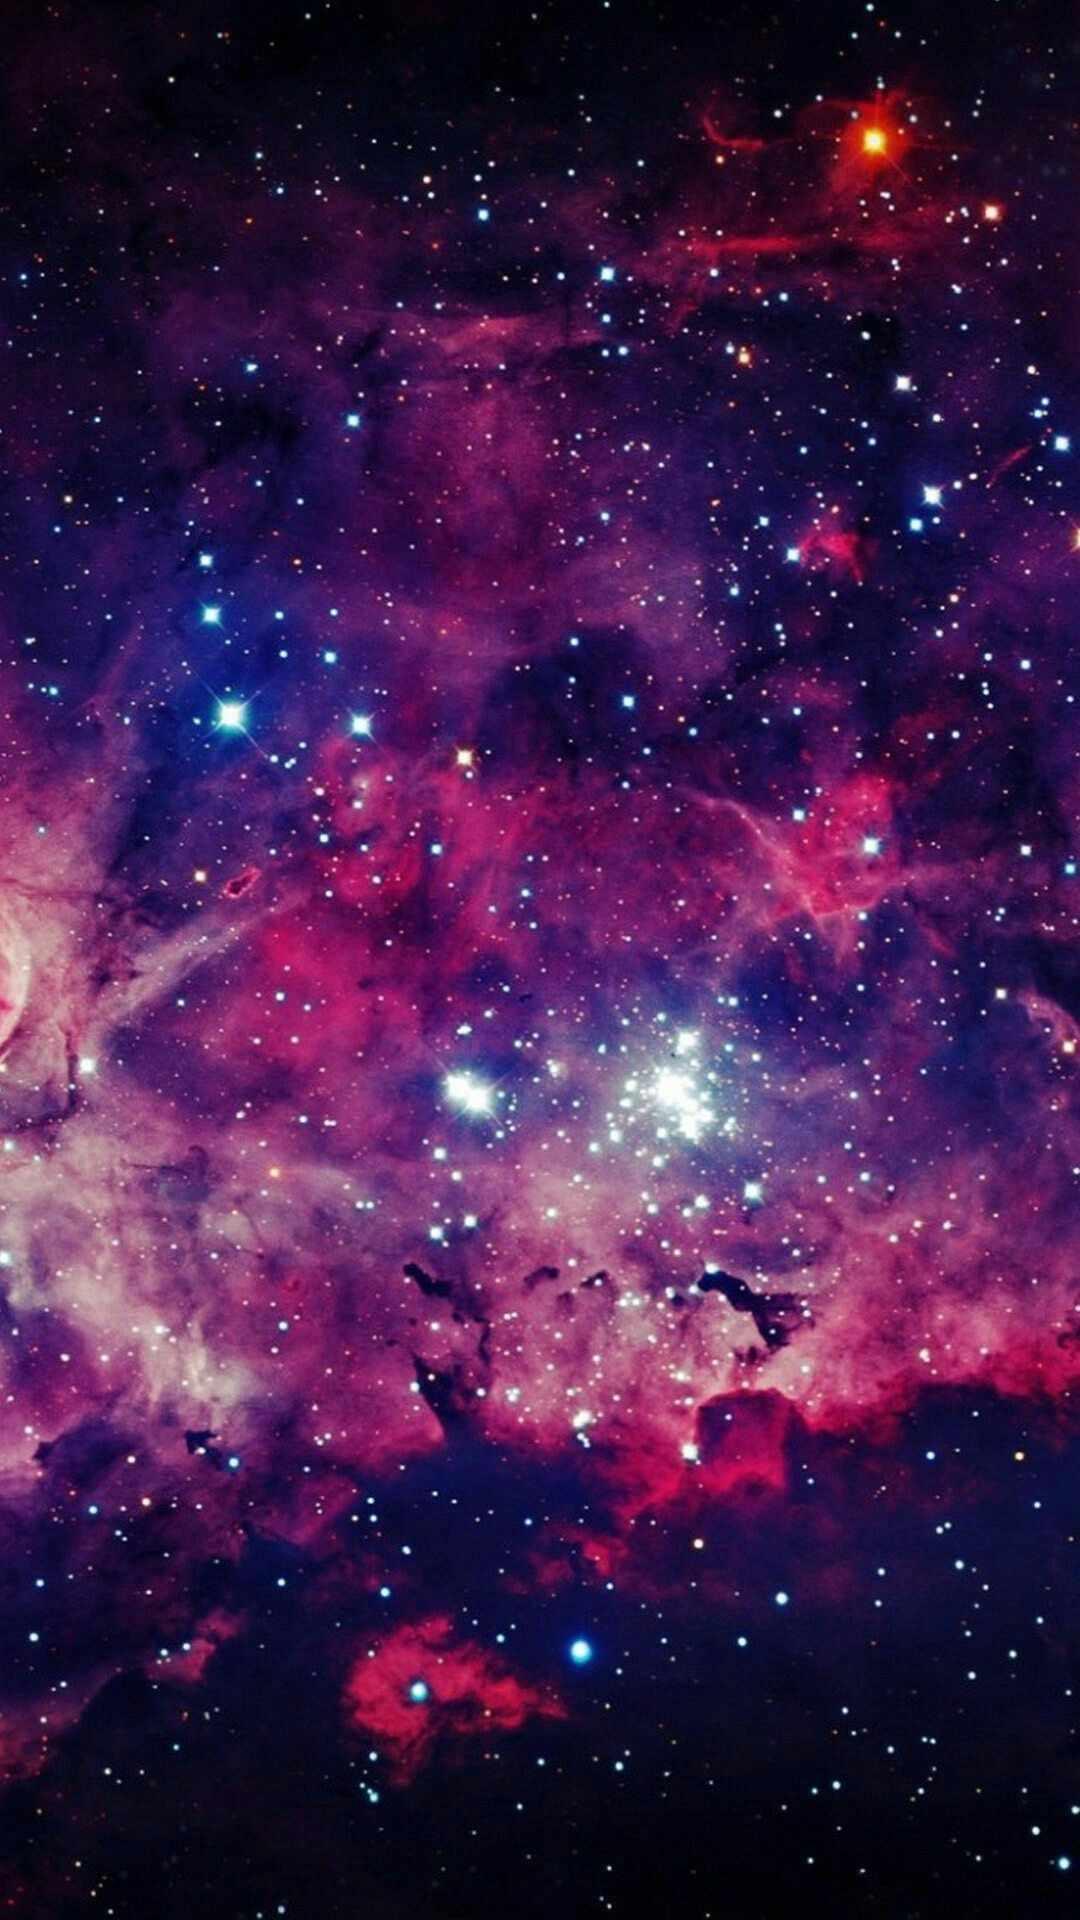 Скачать картинки космоса красивые для срисовки 13